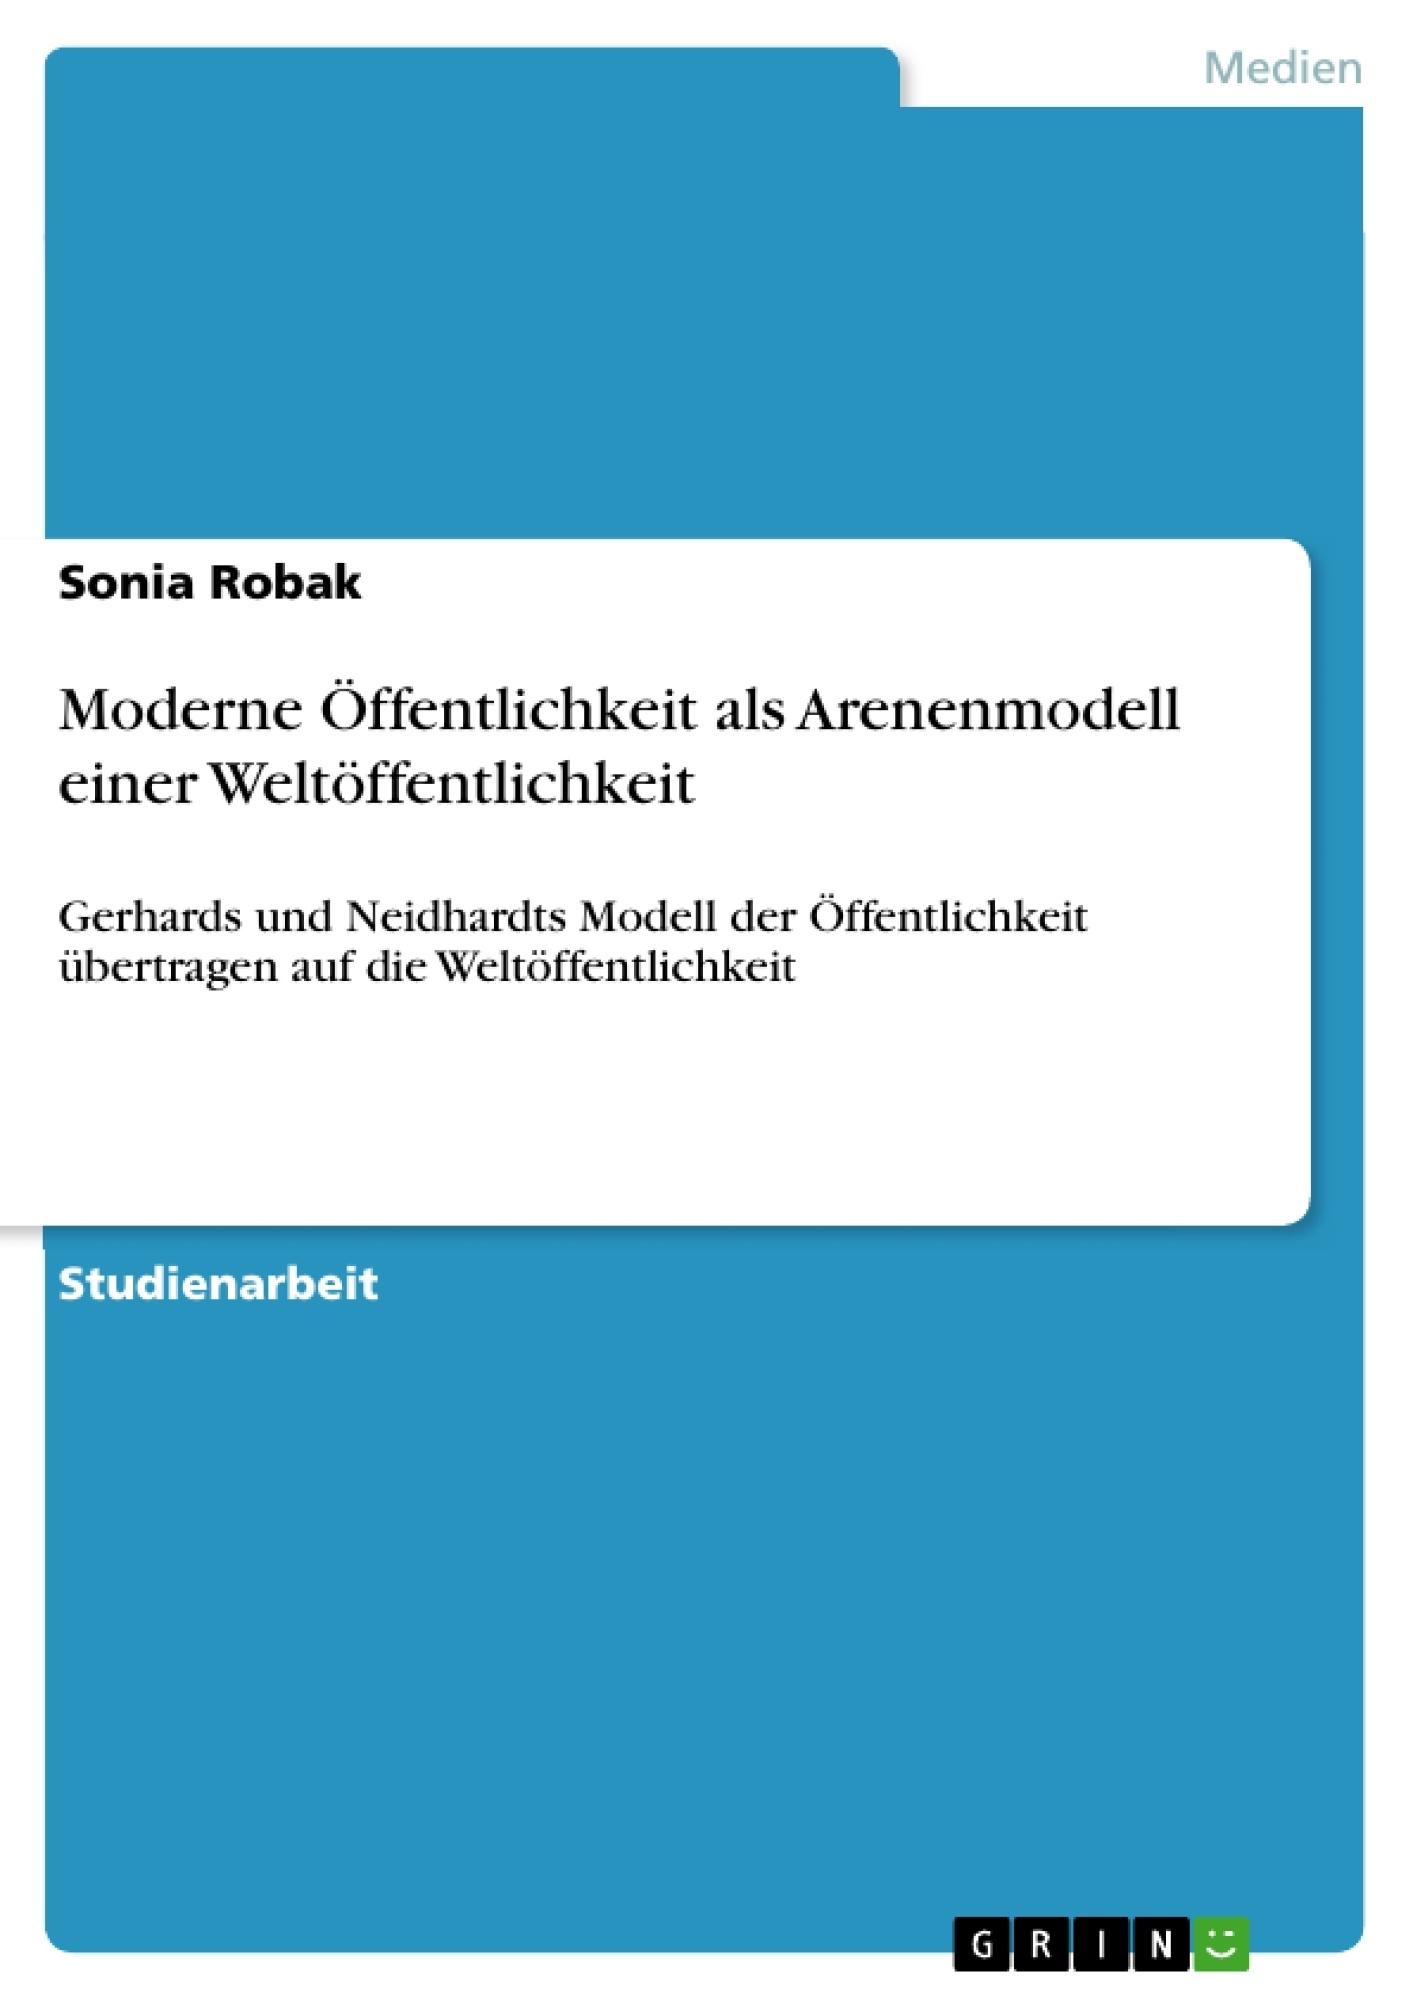 Titel: Moderne Öffentlichkeit als Arenenmodell einer Weltöffentlichkeit